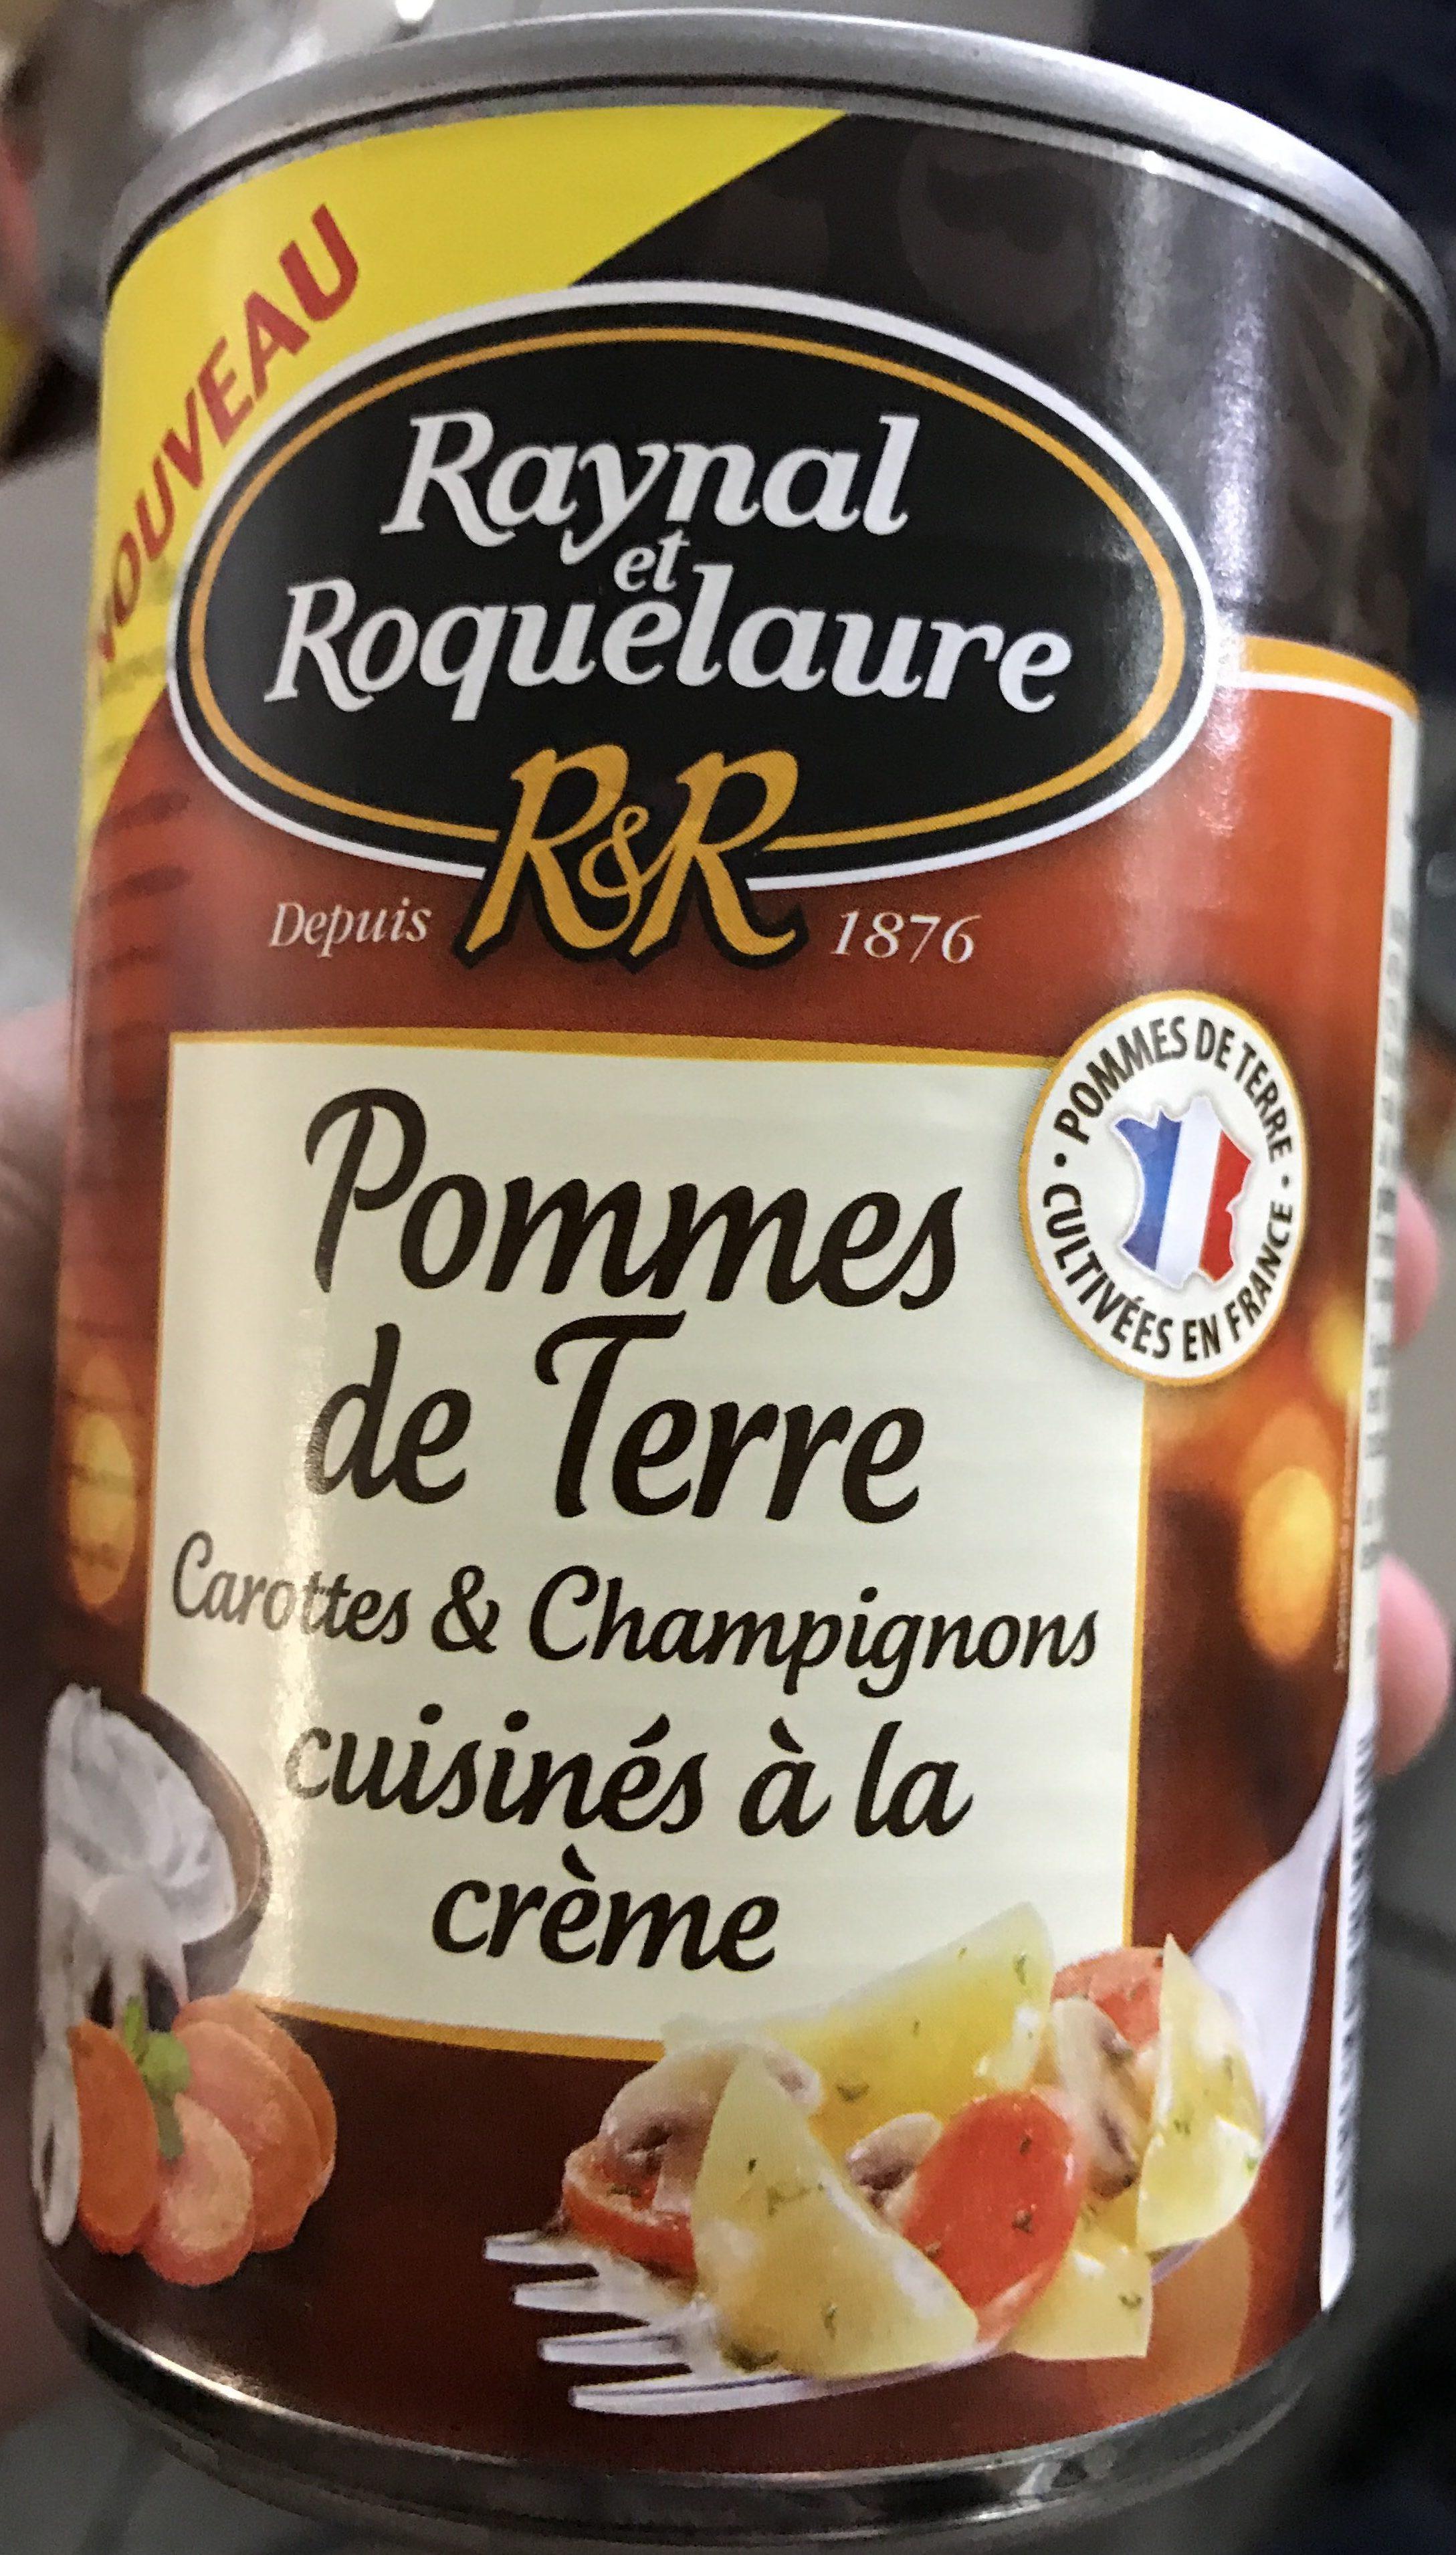 Pommes de Terre Carottes & Champignons cuisinés à la crème - Produit - fr